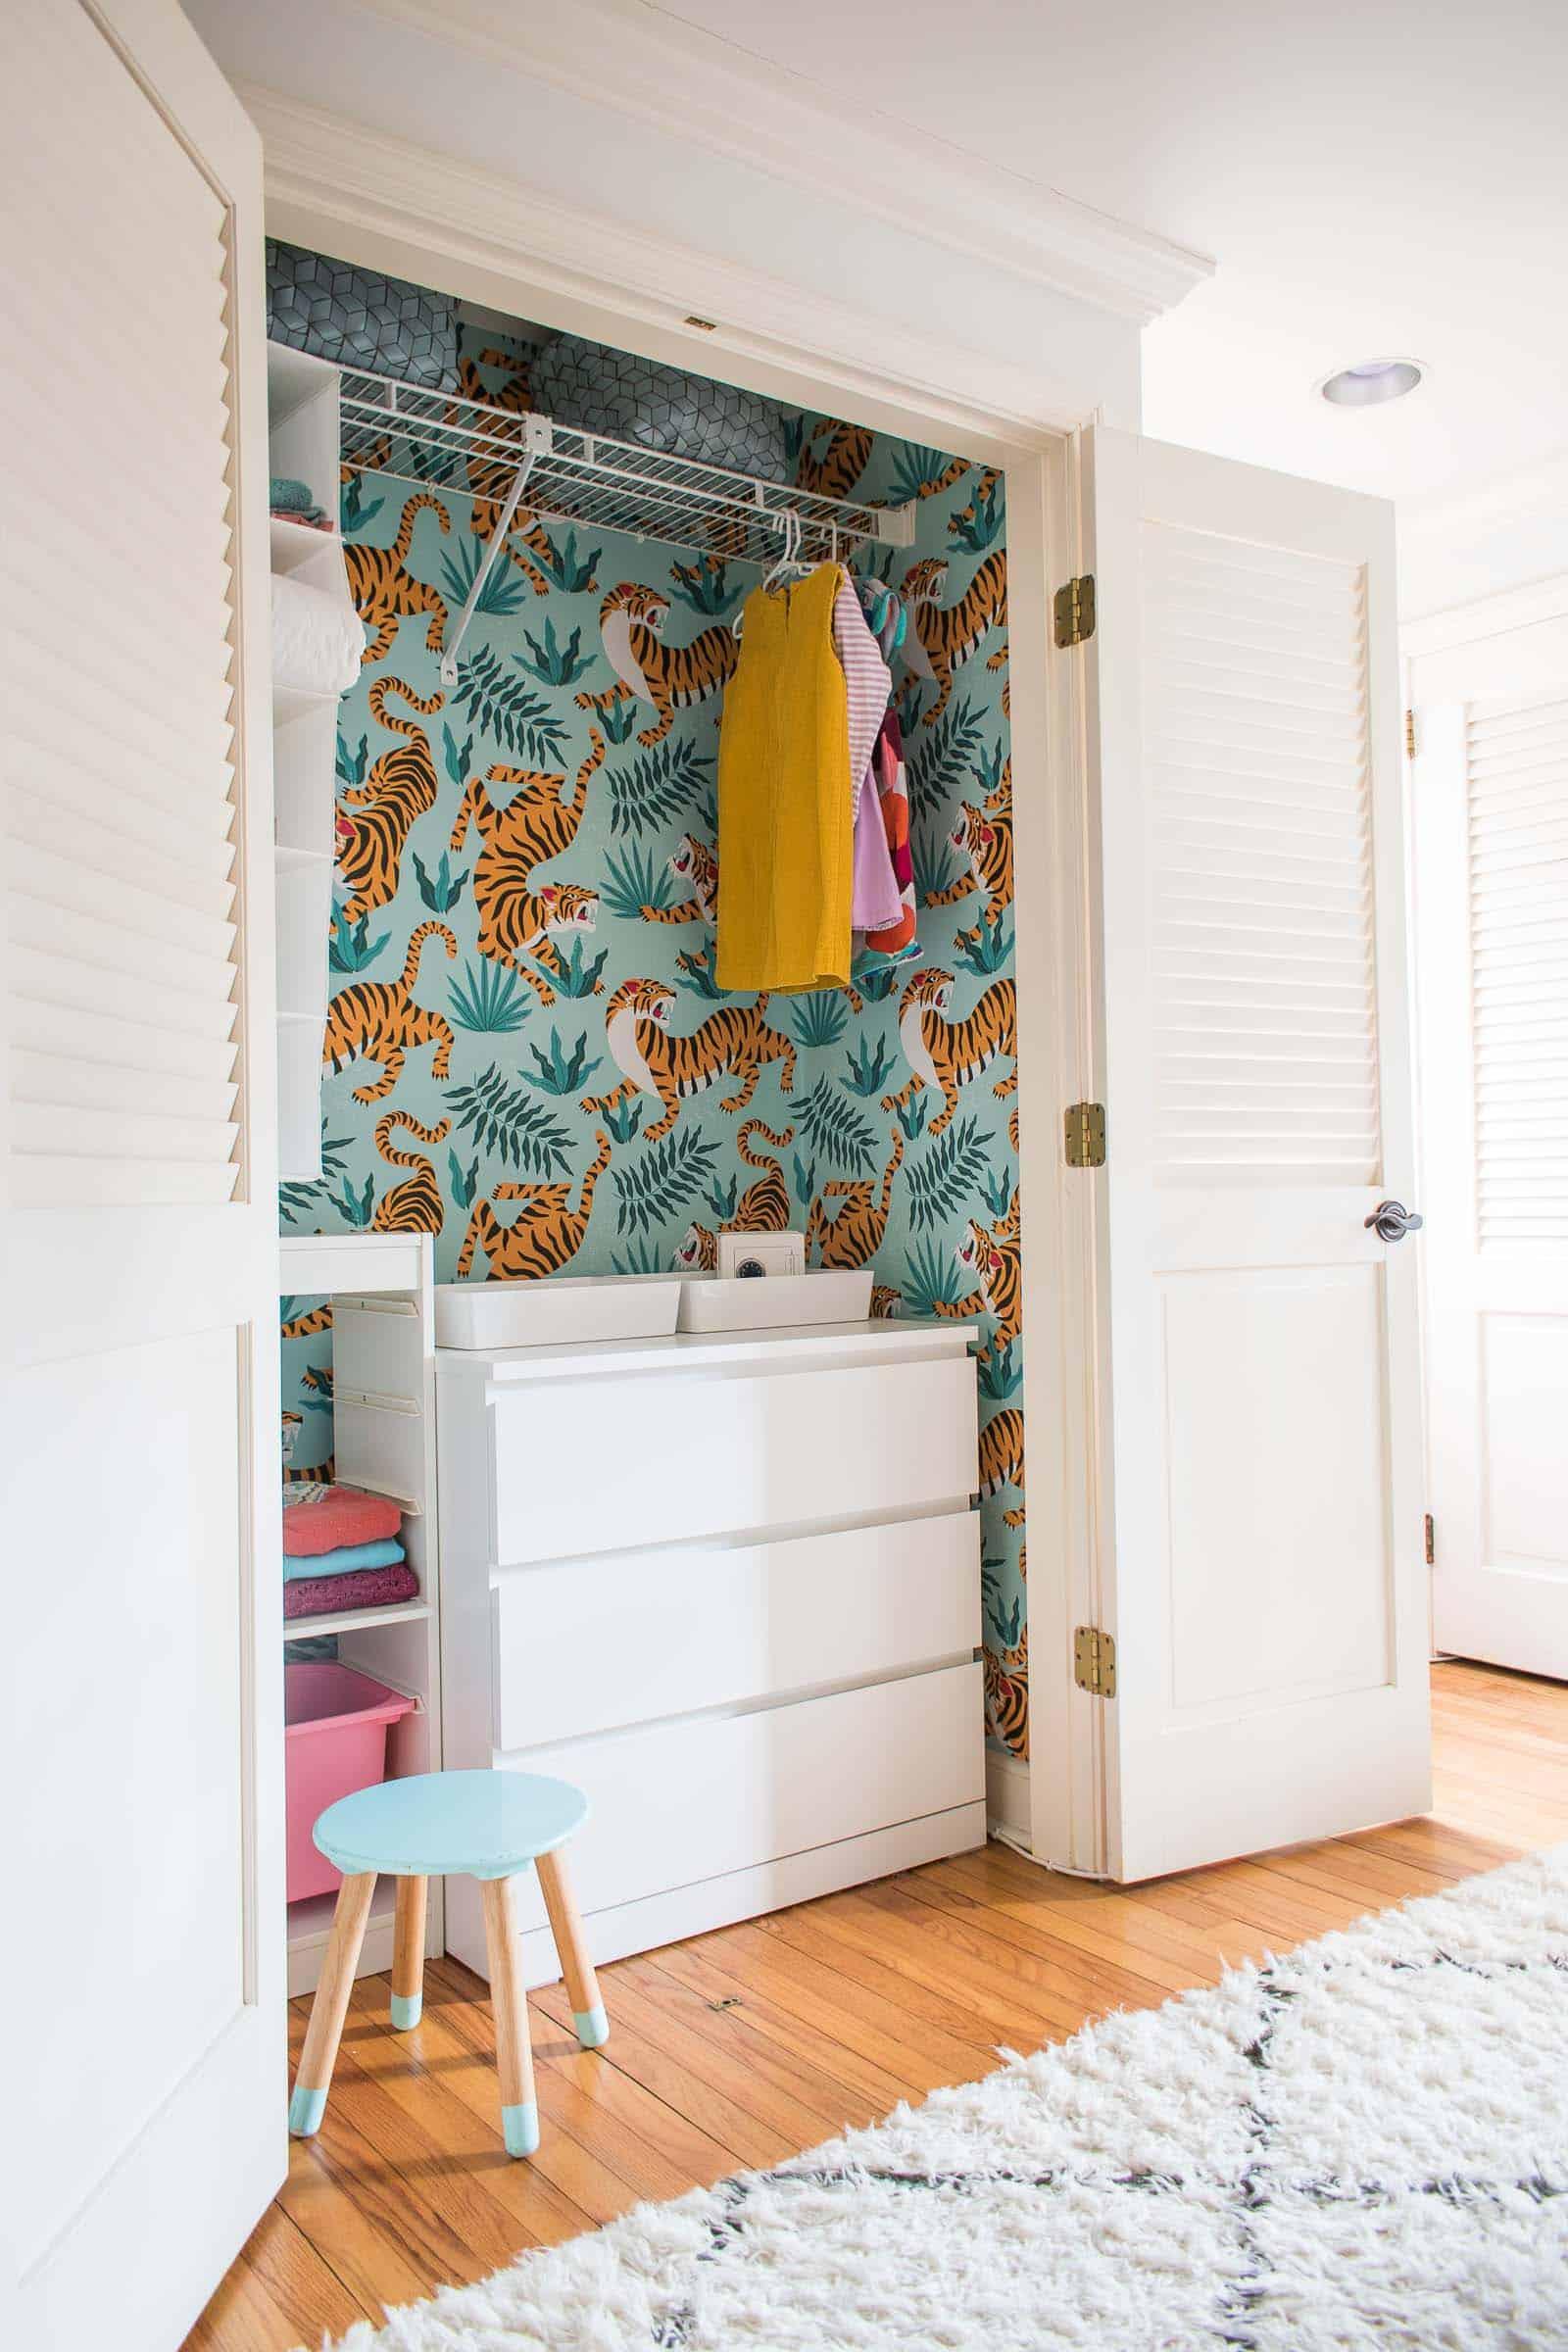 """Armário dos filhos é transformado pela blogueira Charlotte Smith, do portal """"At Charlotte's House"""", com papel de parede verde com folhagens e tigres."""